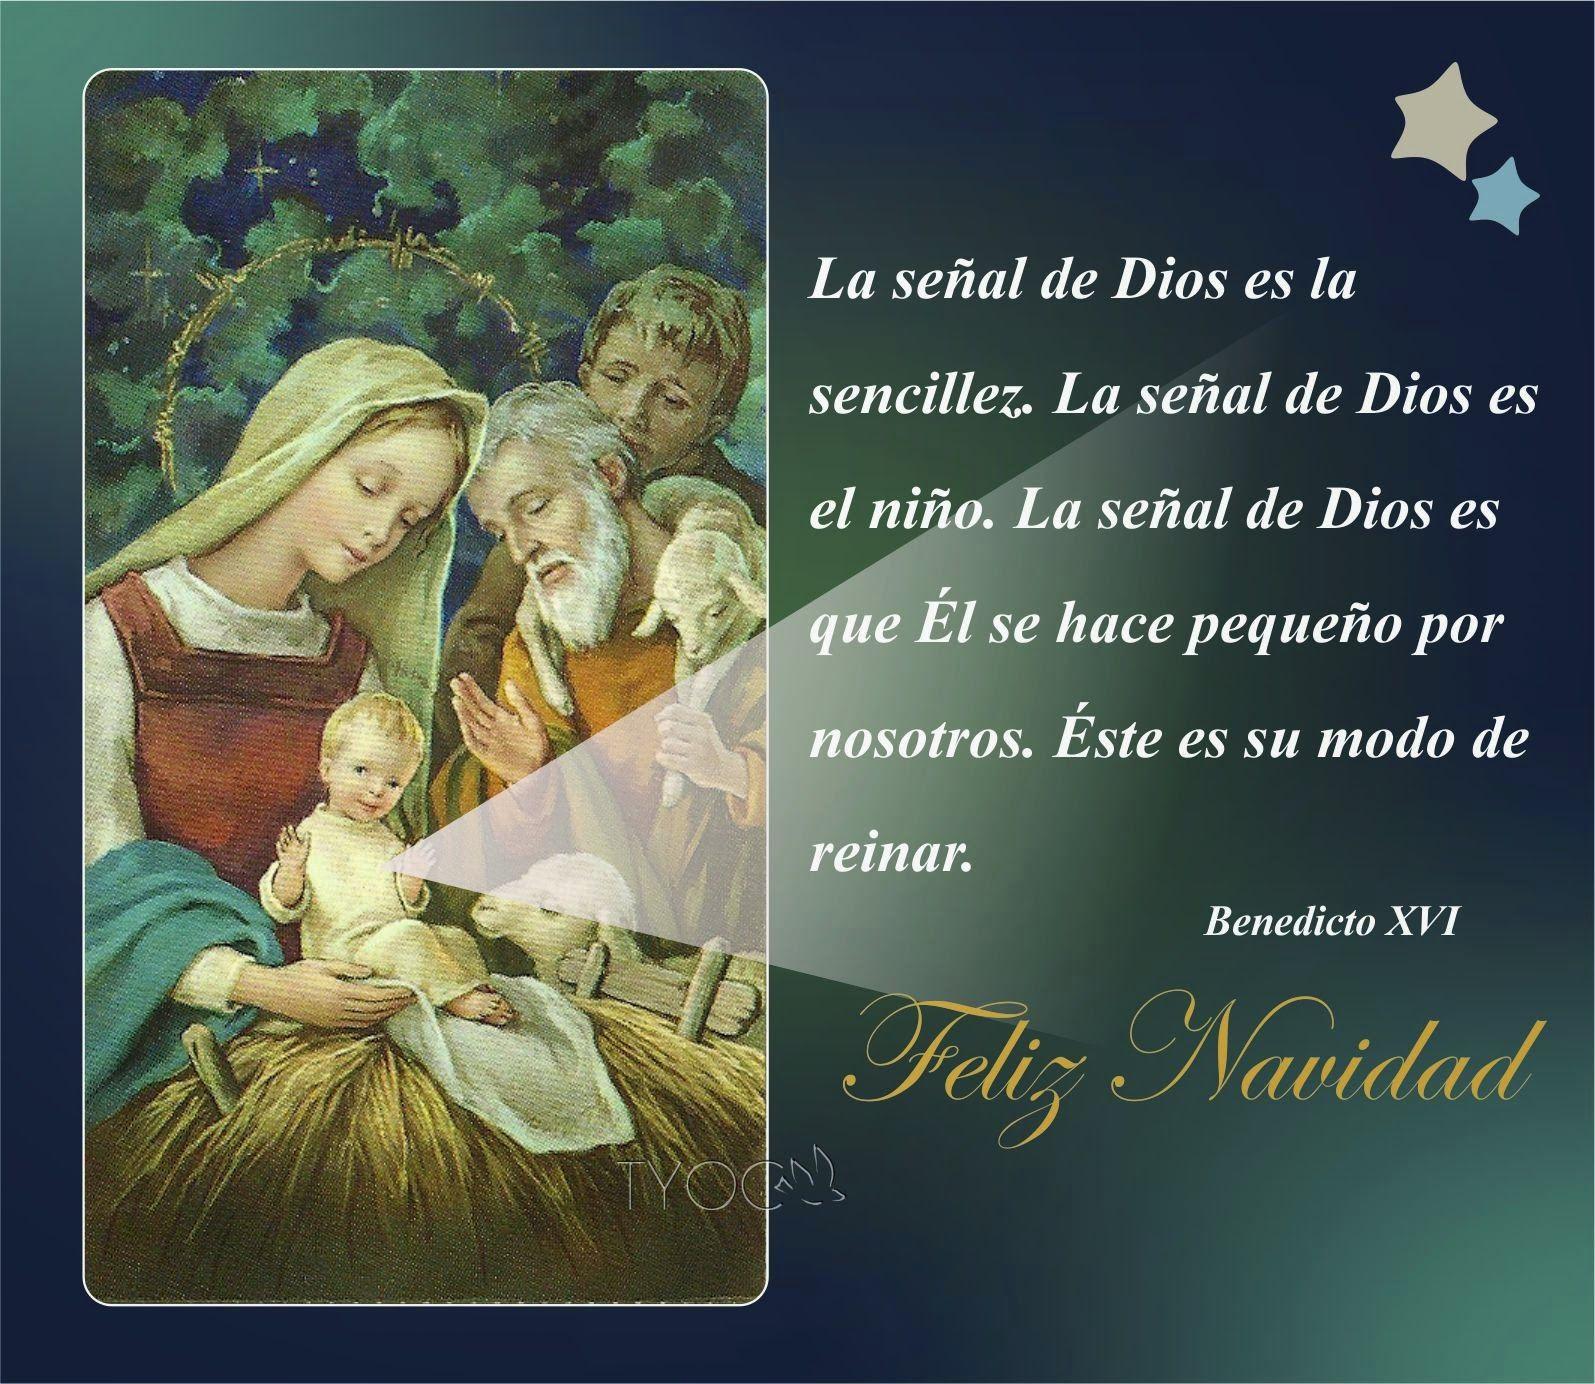 Tarjetas y oraciones catolicas tarjetas navide as con - Mensajes para felicitar la navidad ...